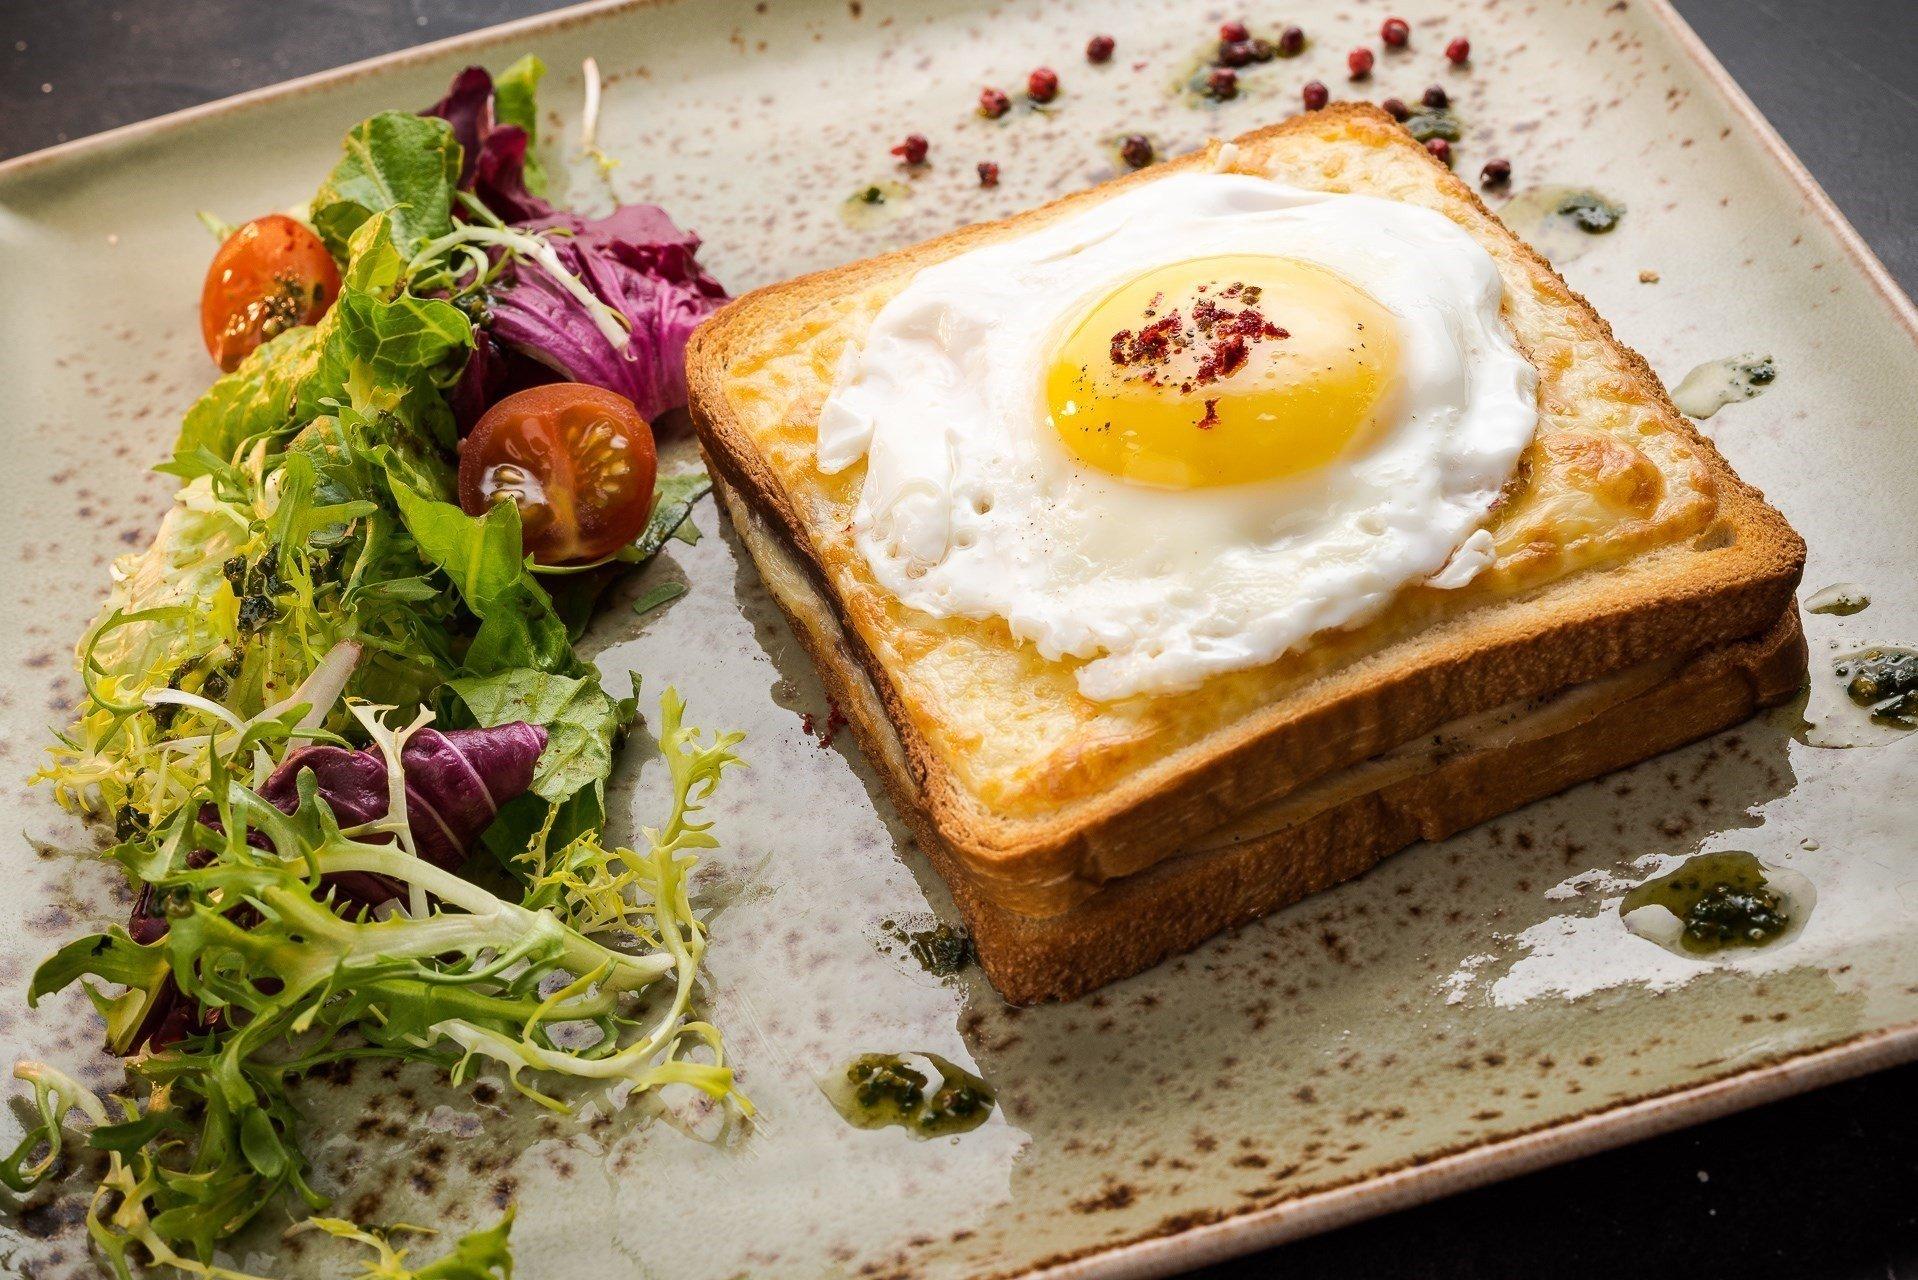 рецепты яичницы на завтрак с фото любителям оригинальных закусок